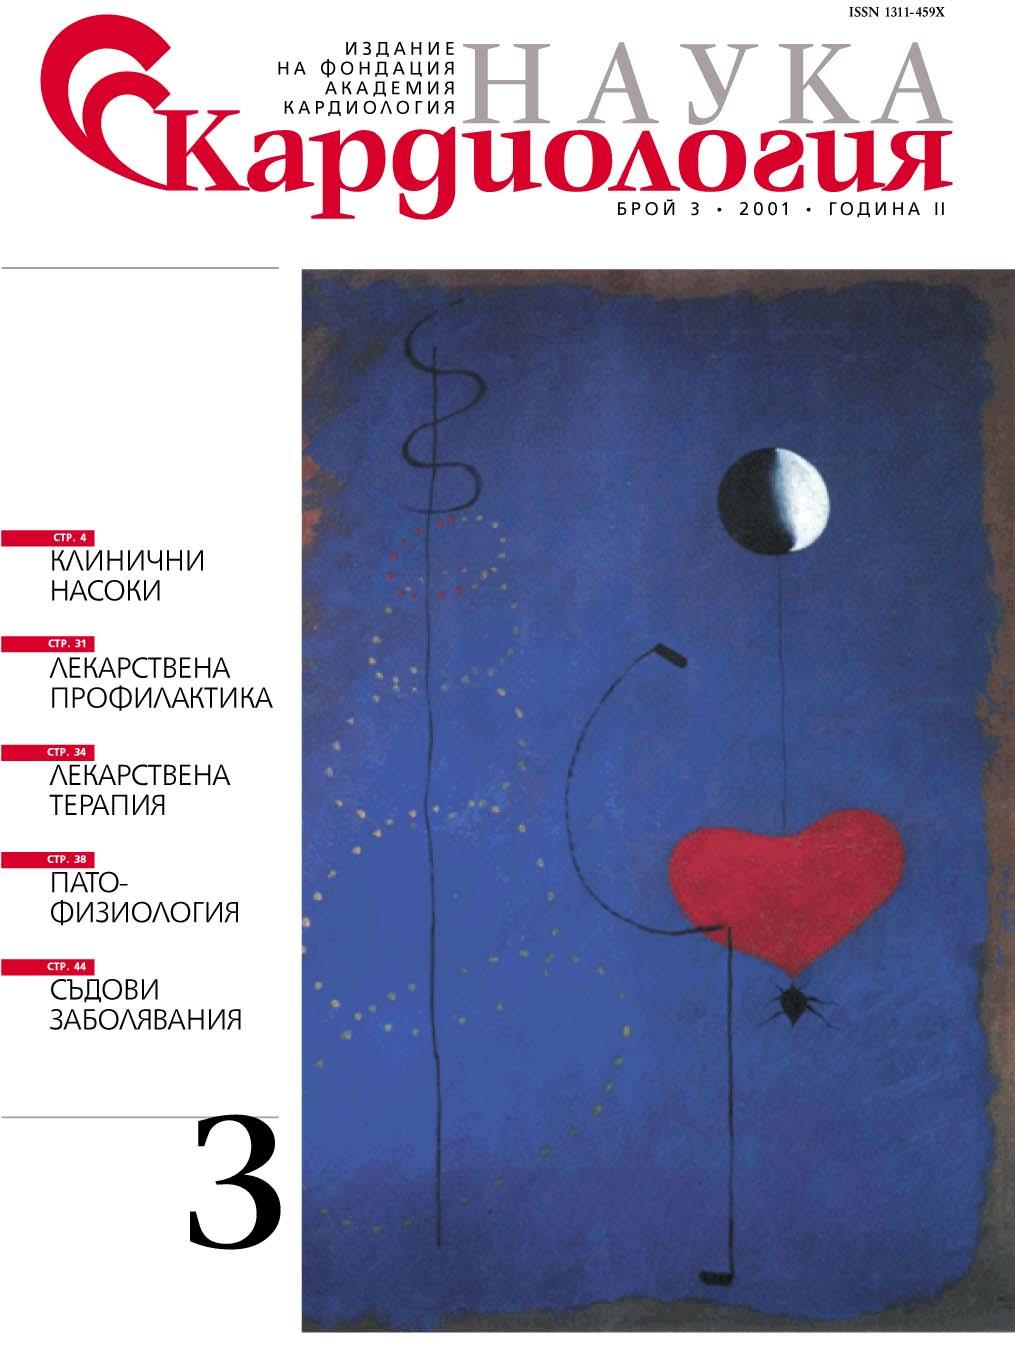 Наука Кардиология 3/2001